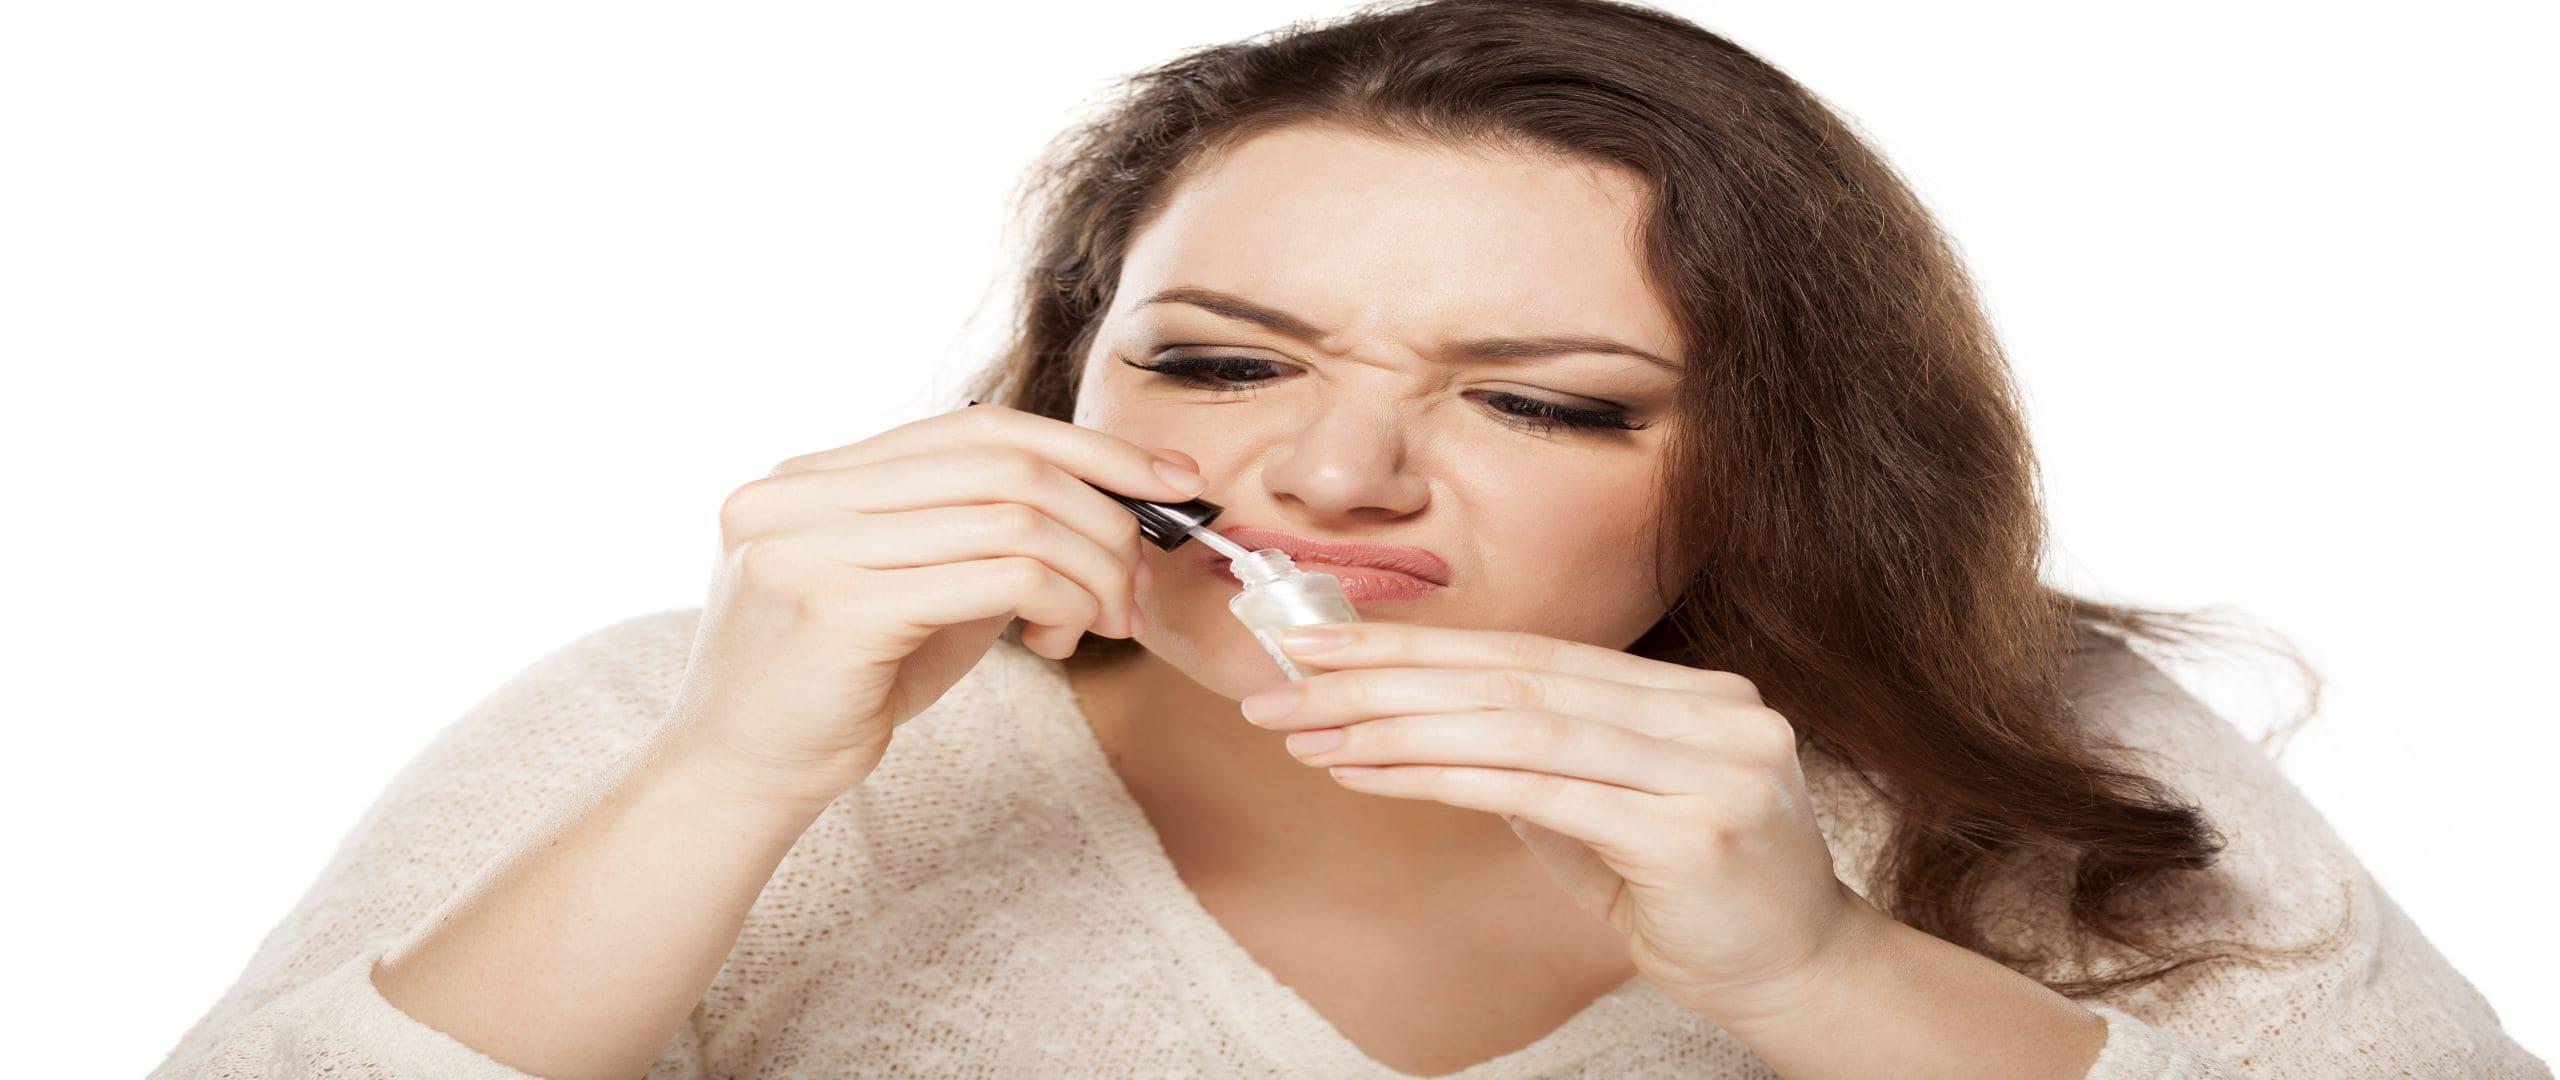 bad nail pollish smell